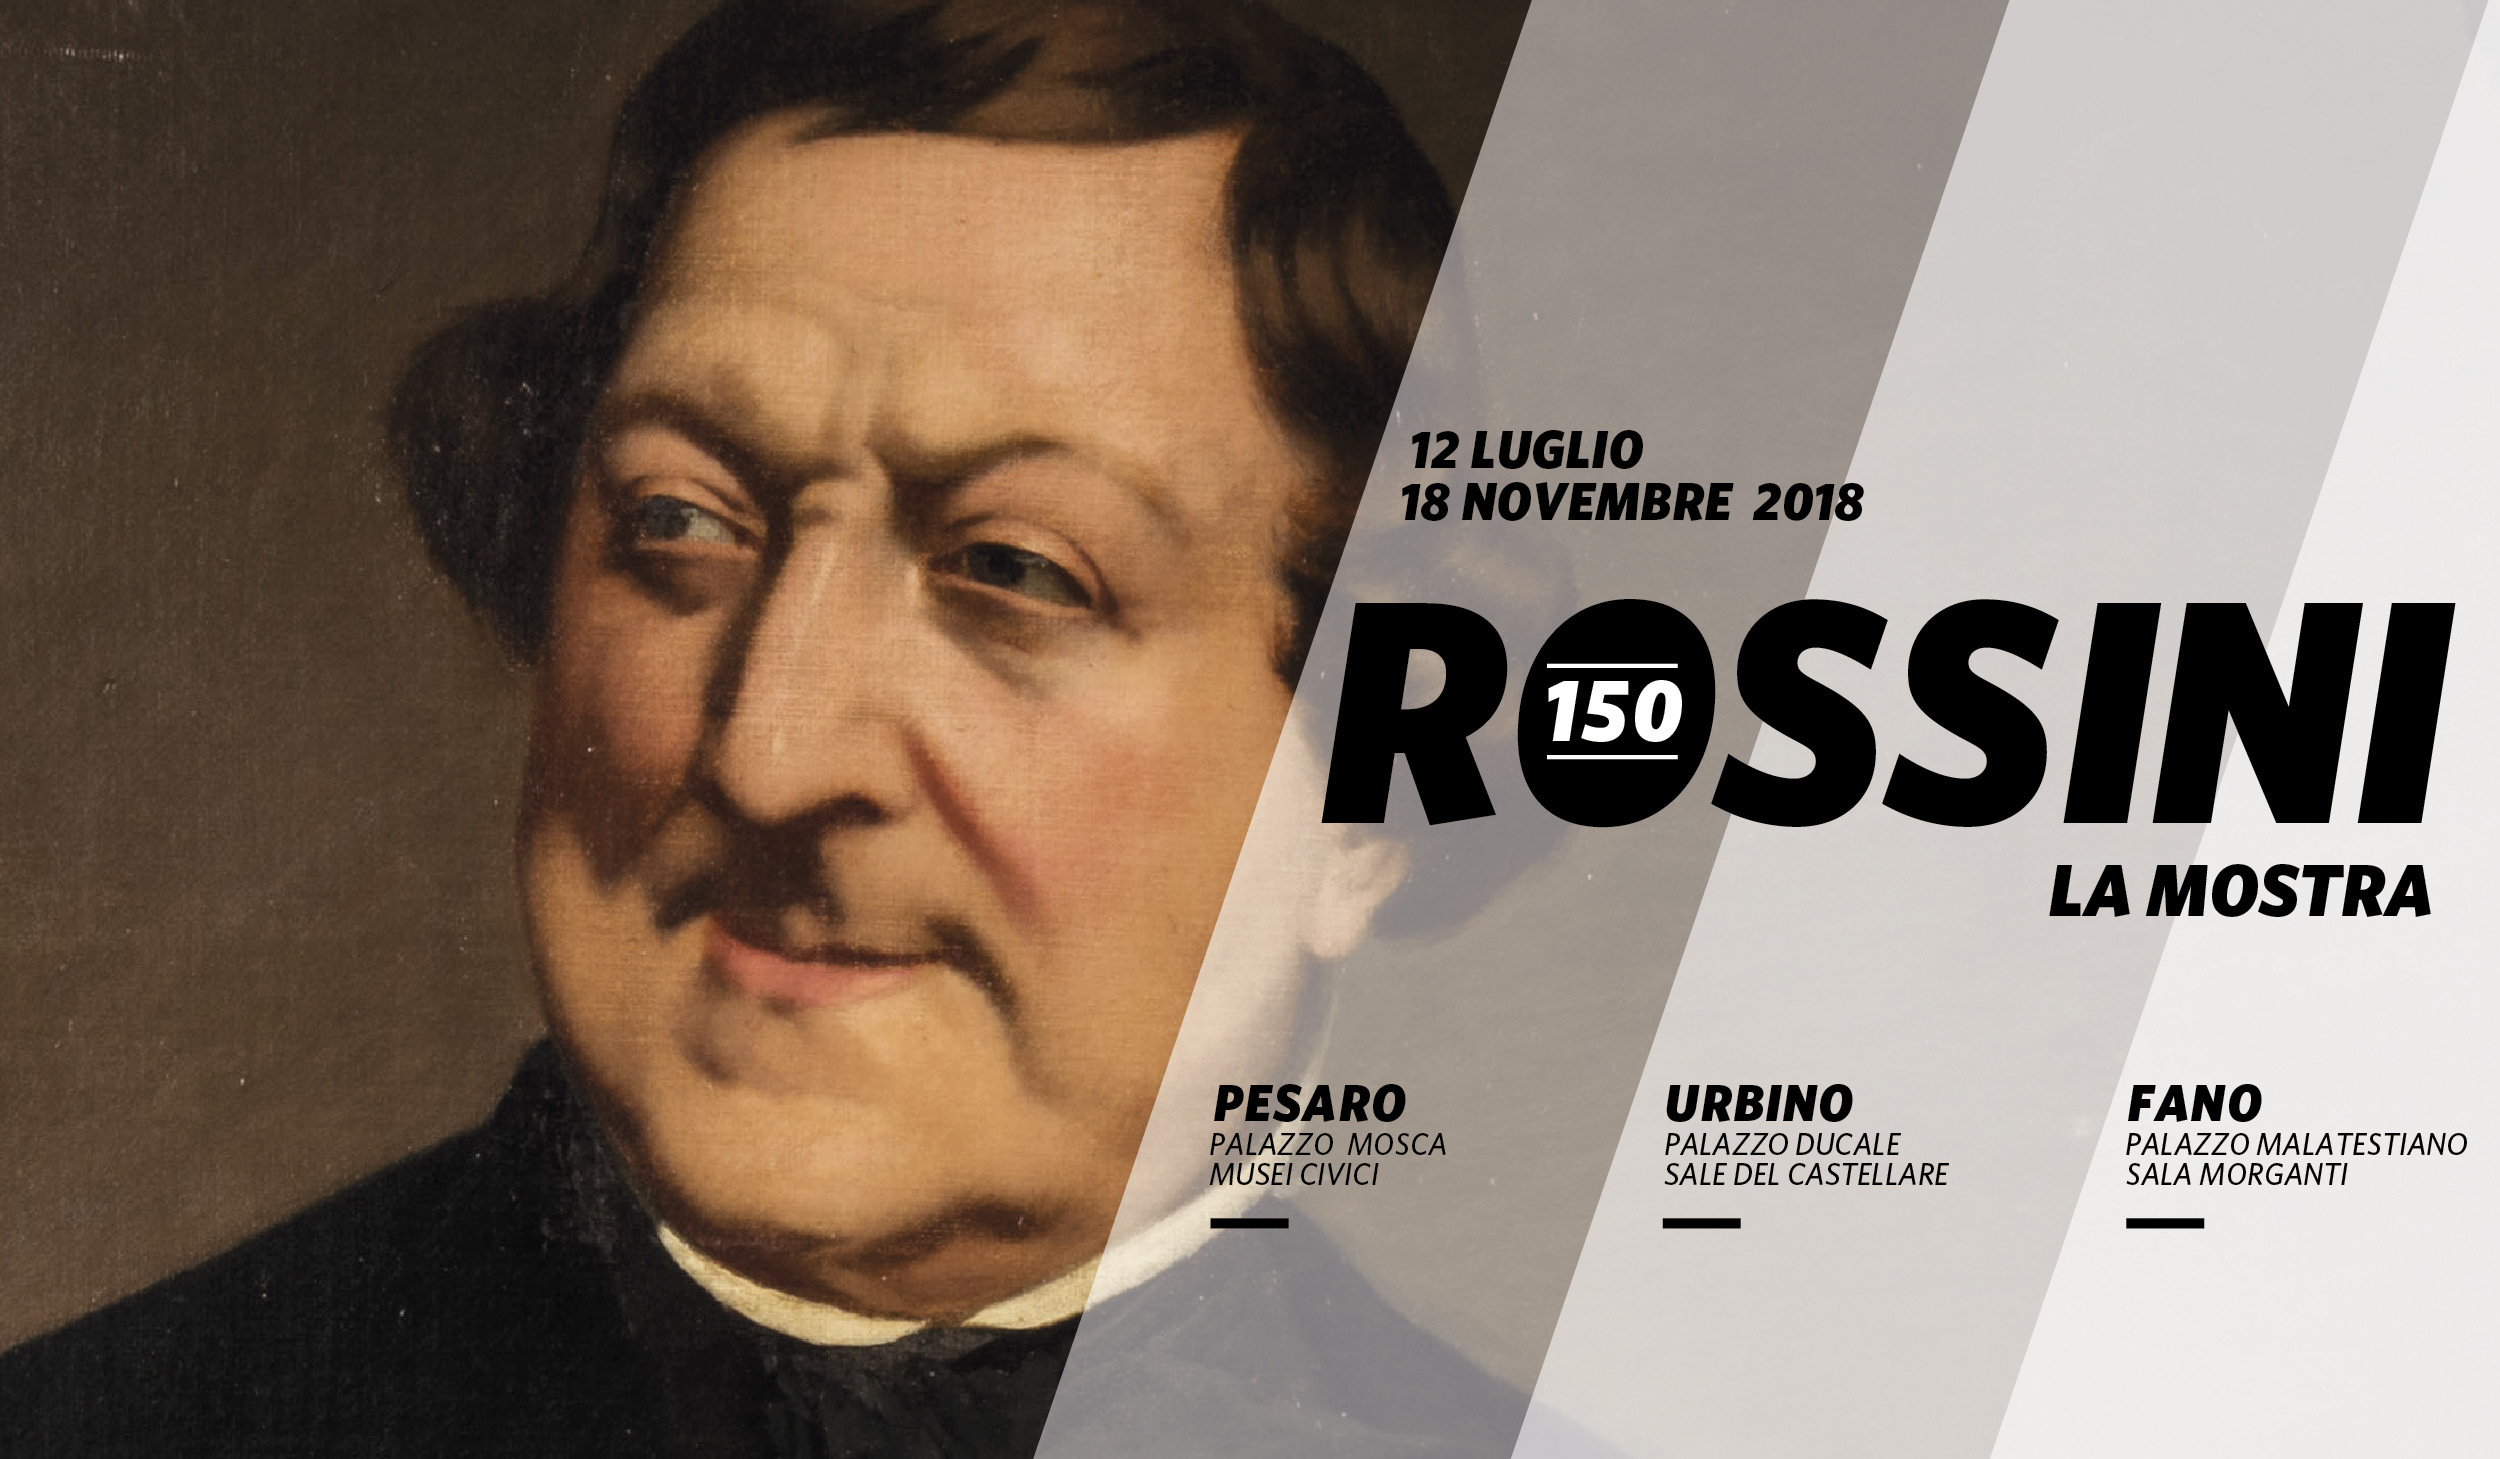 Rossini 150